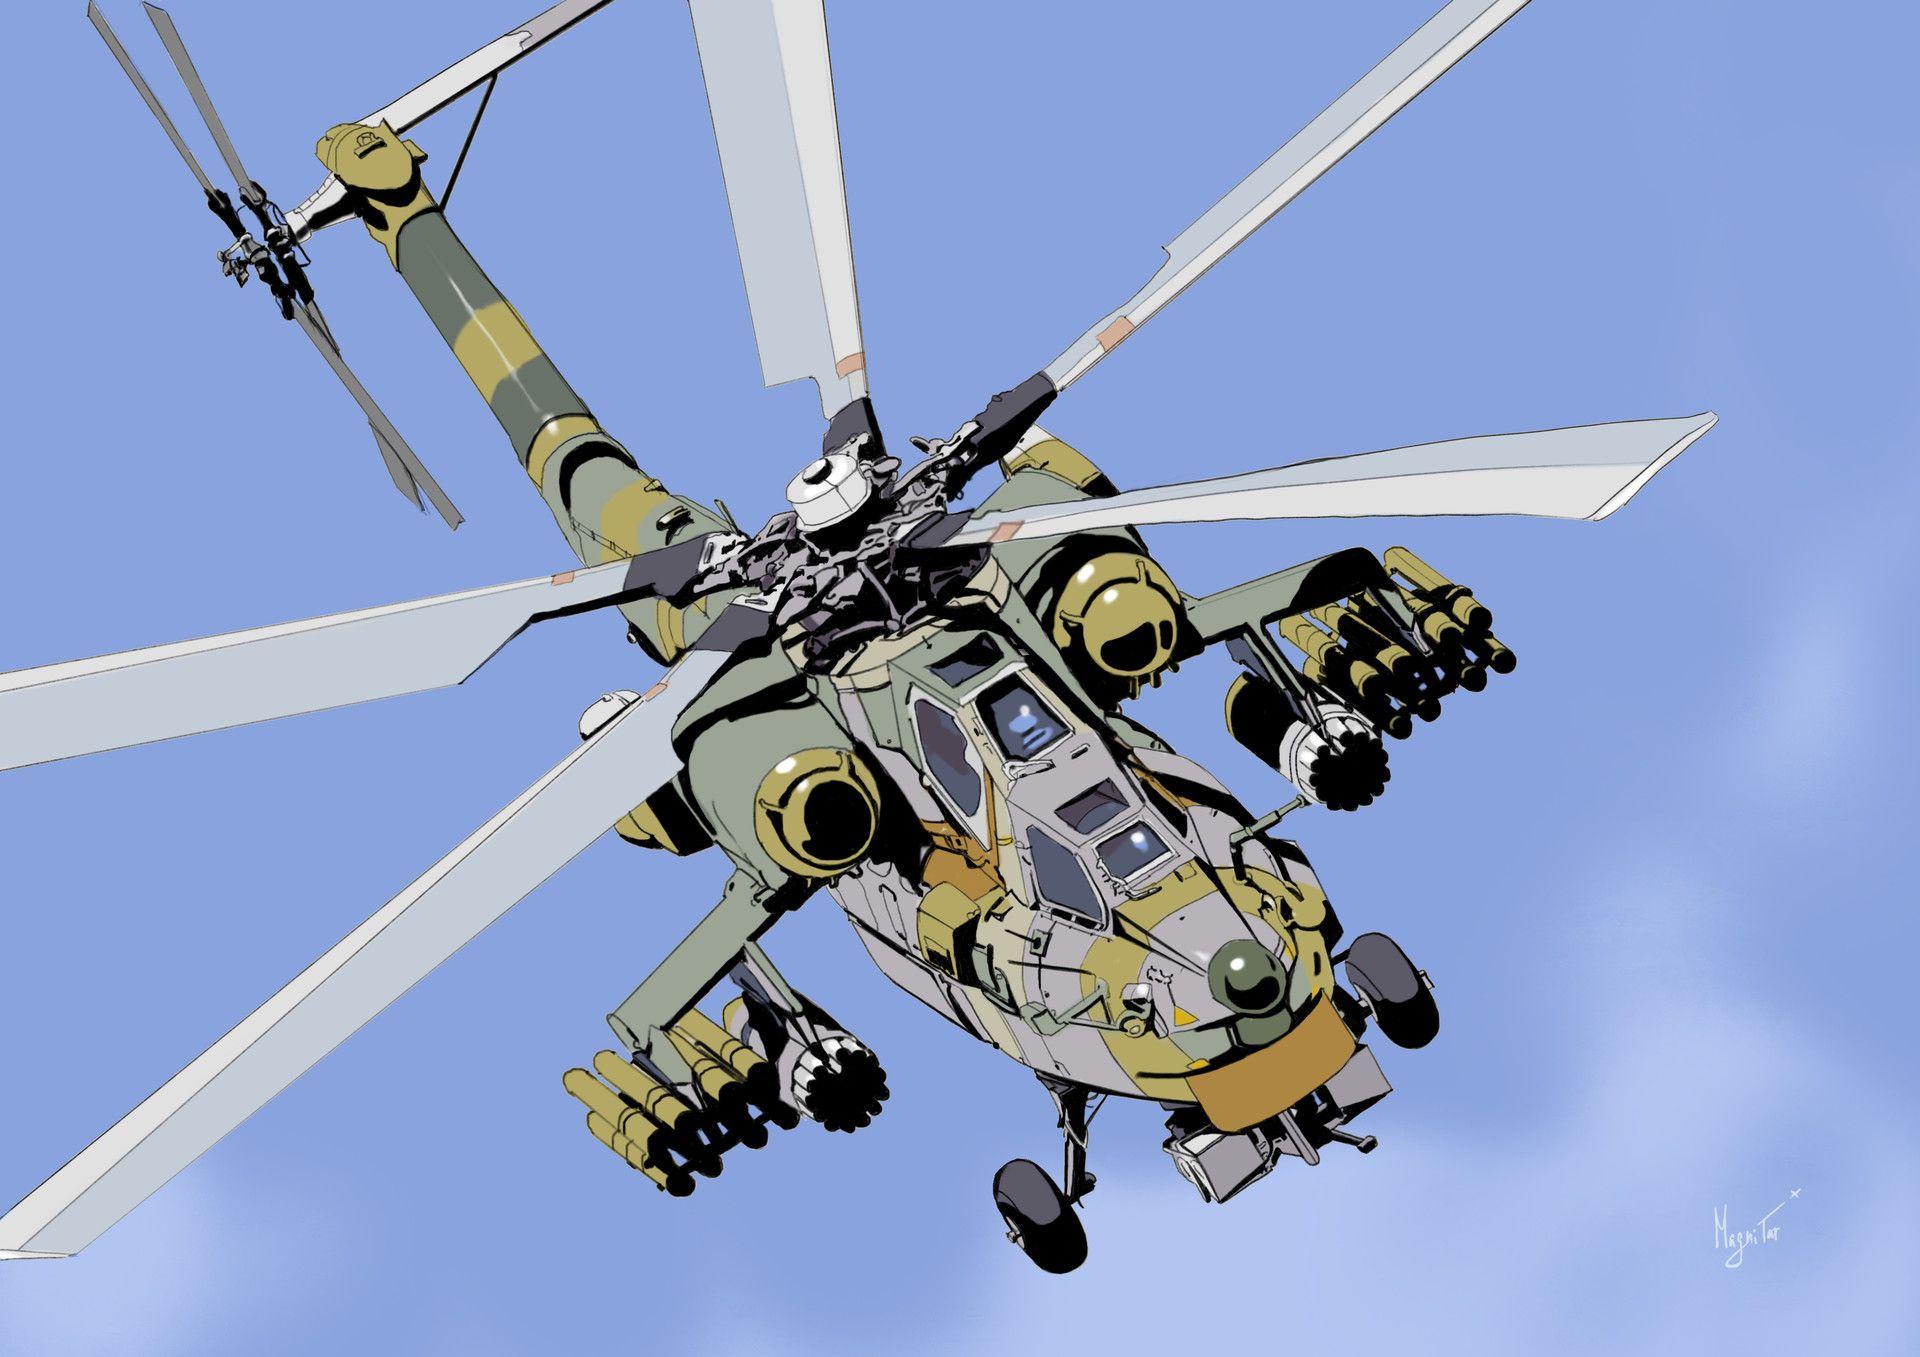 Обои CGI, helicopter. Авиация foto 12